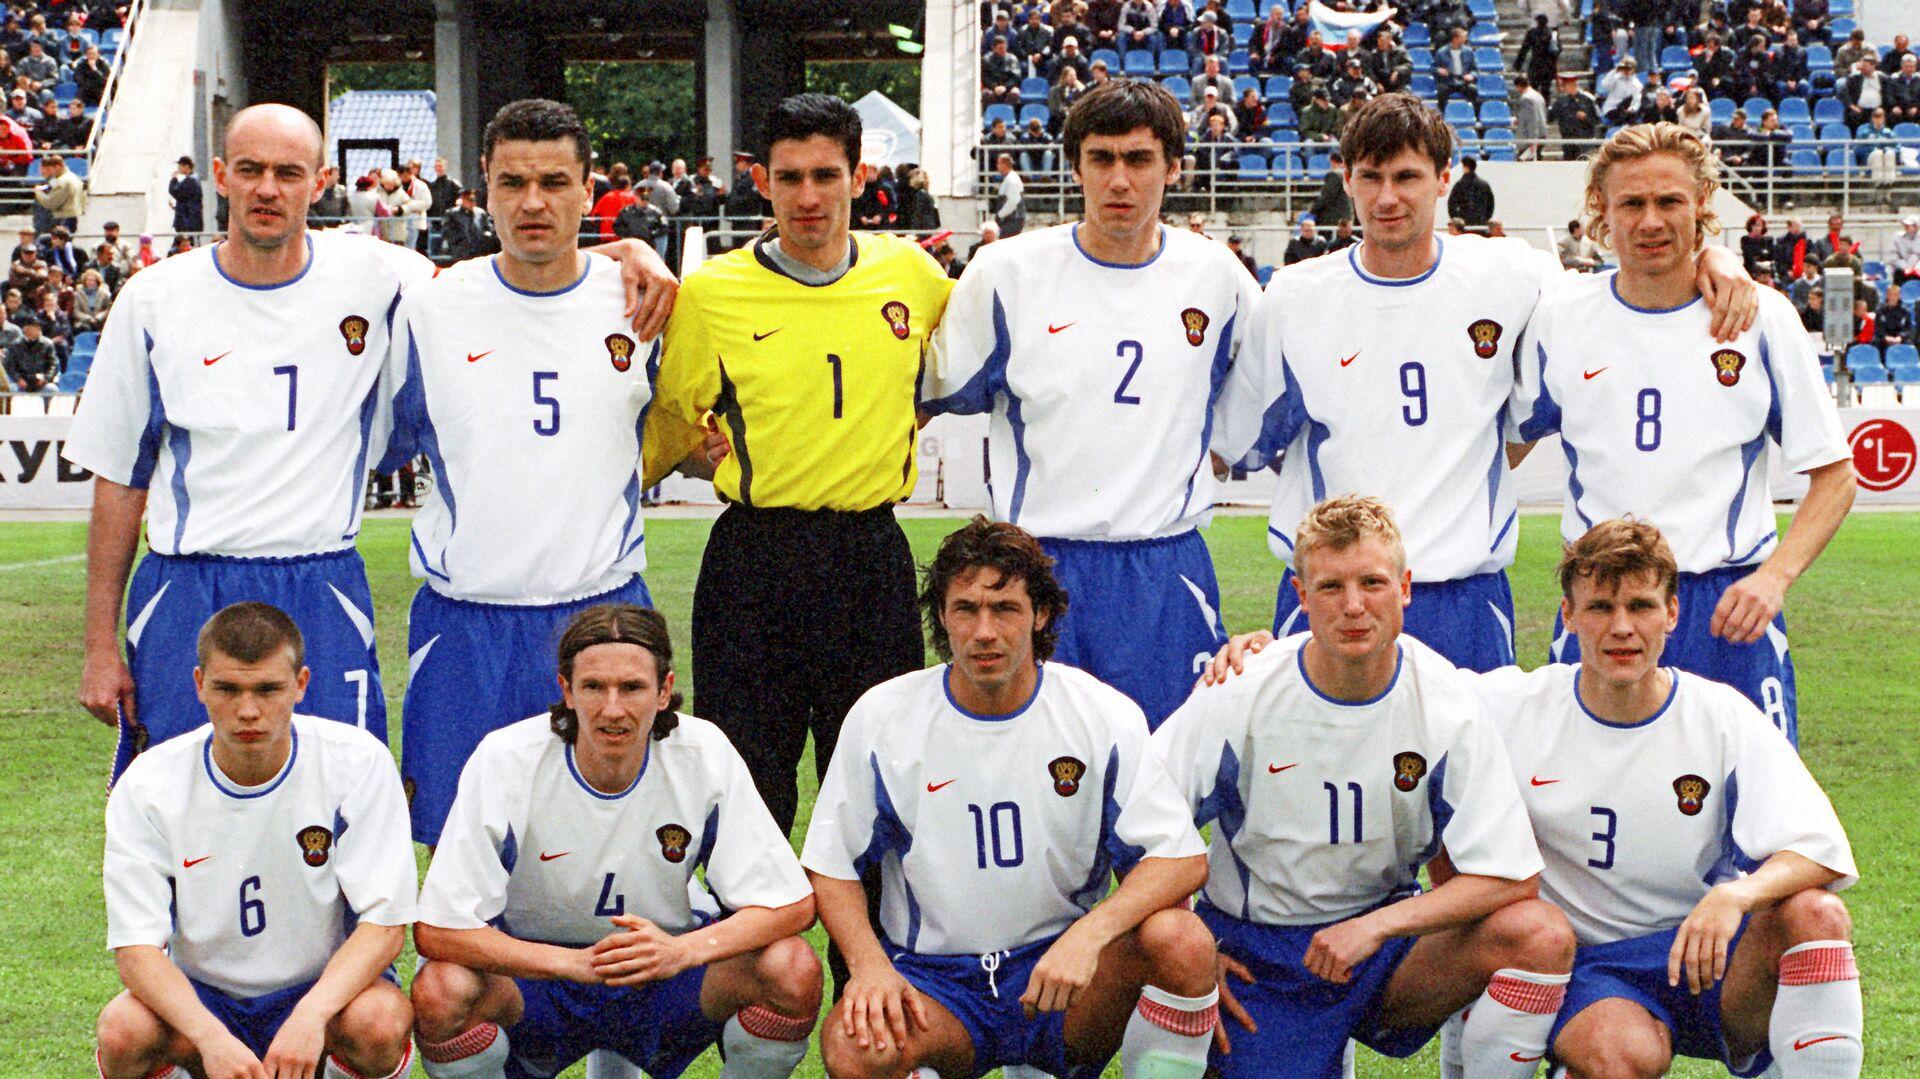 Сборная команда России по футболу 2002 года - РИА Новости, 1920, 12.01.2021